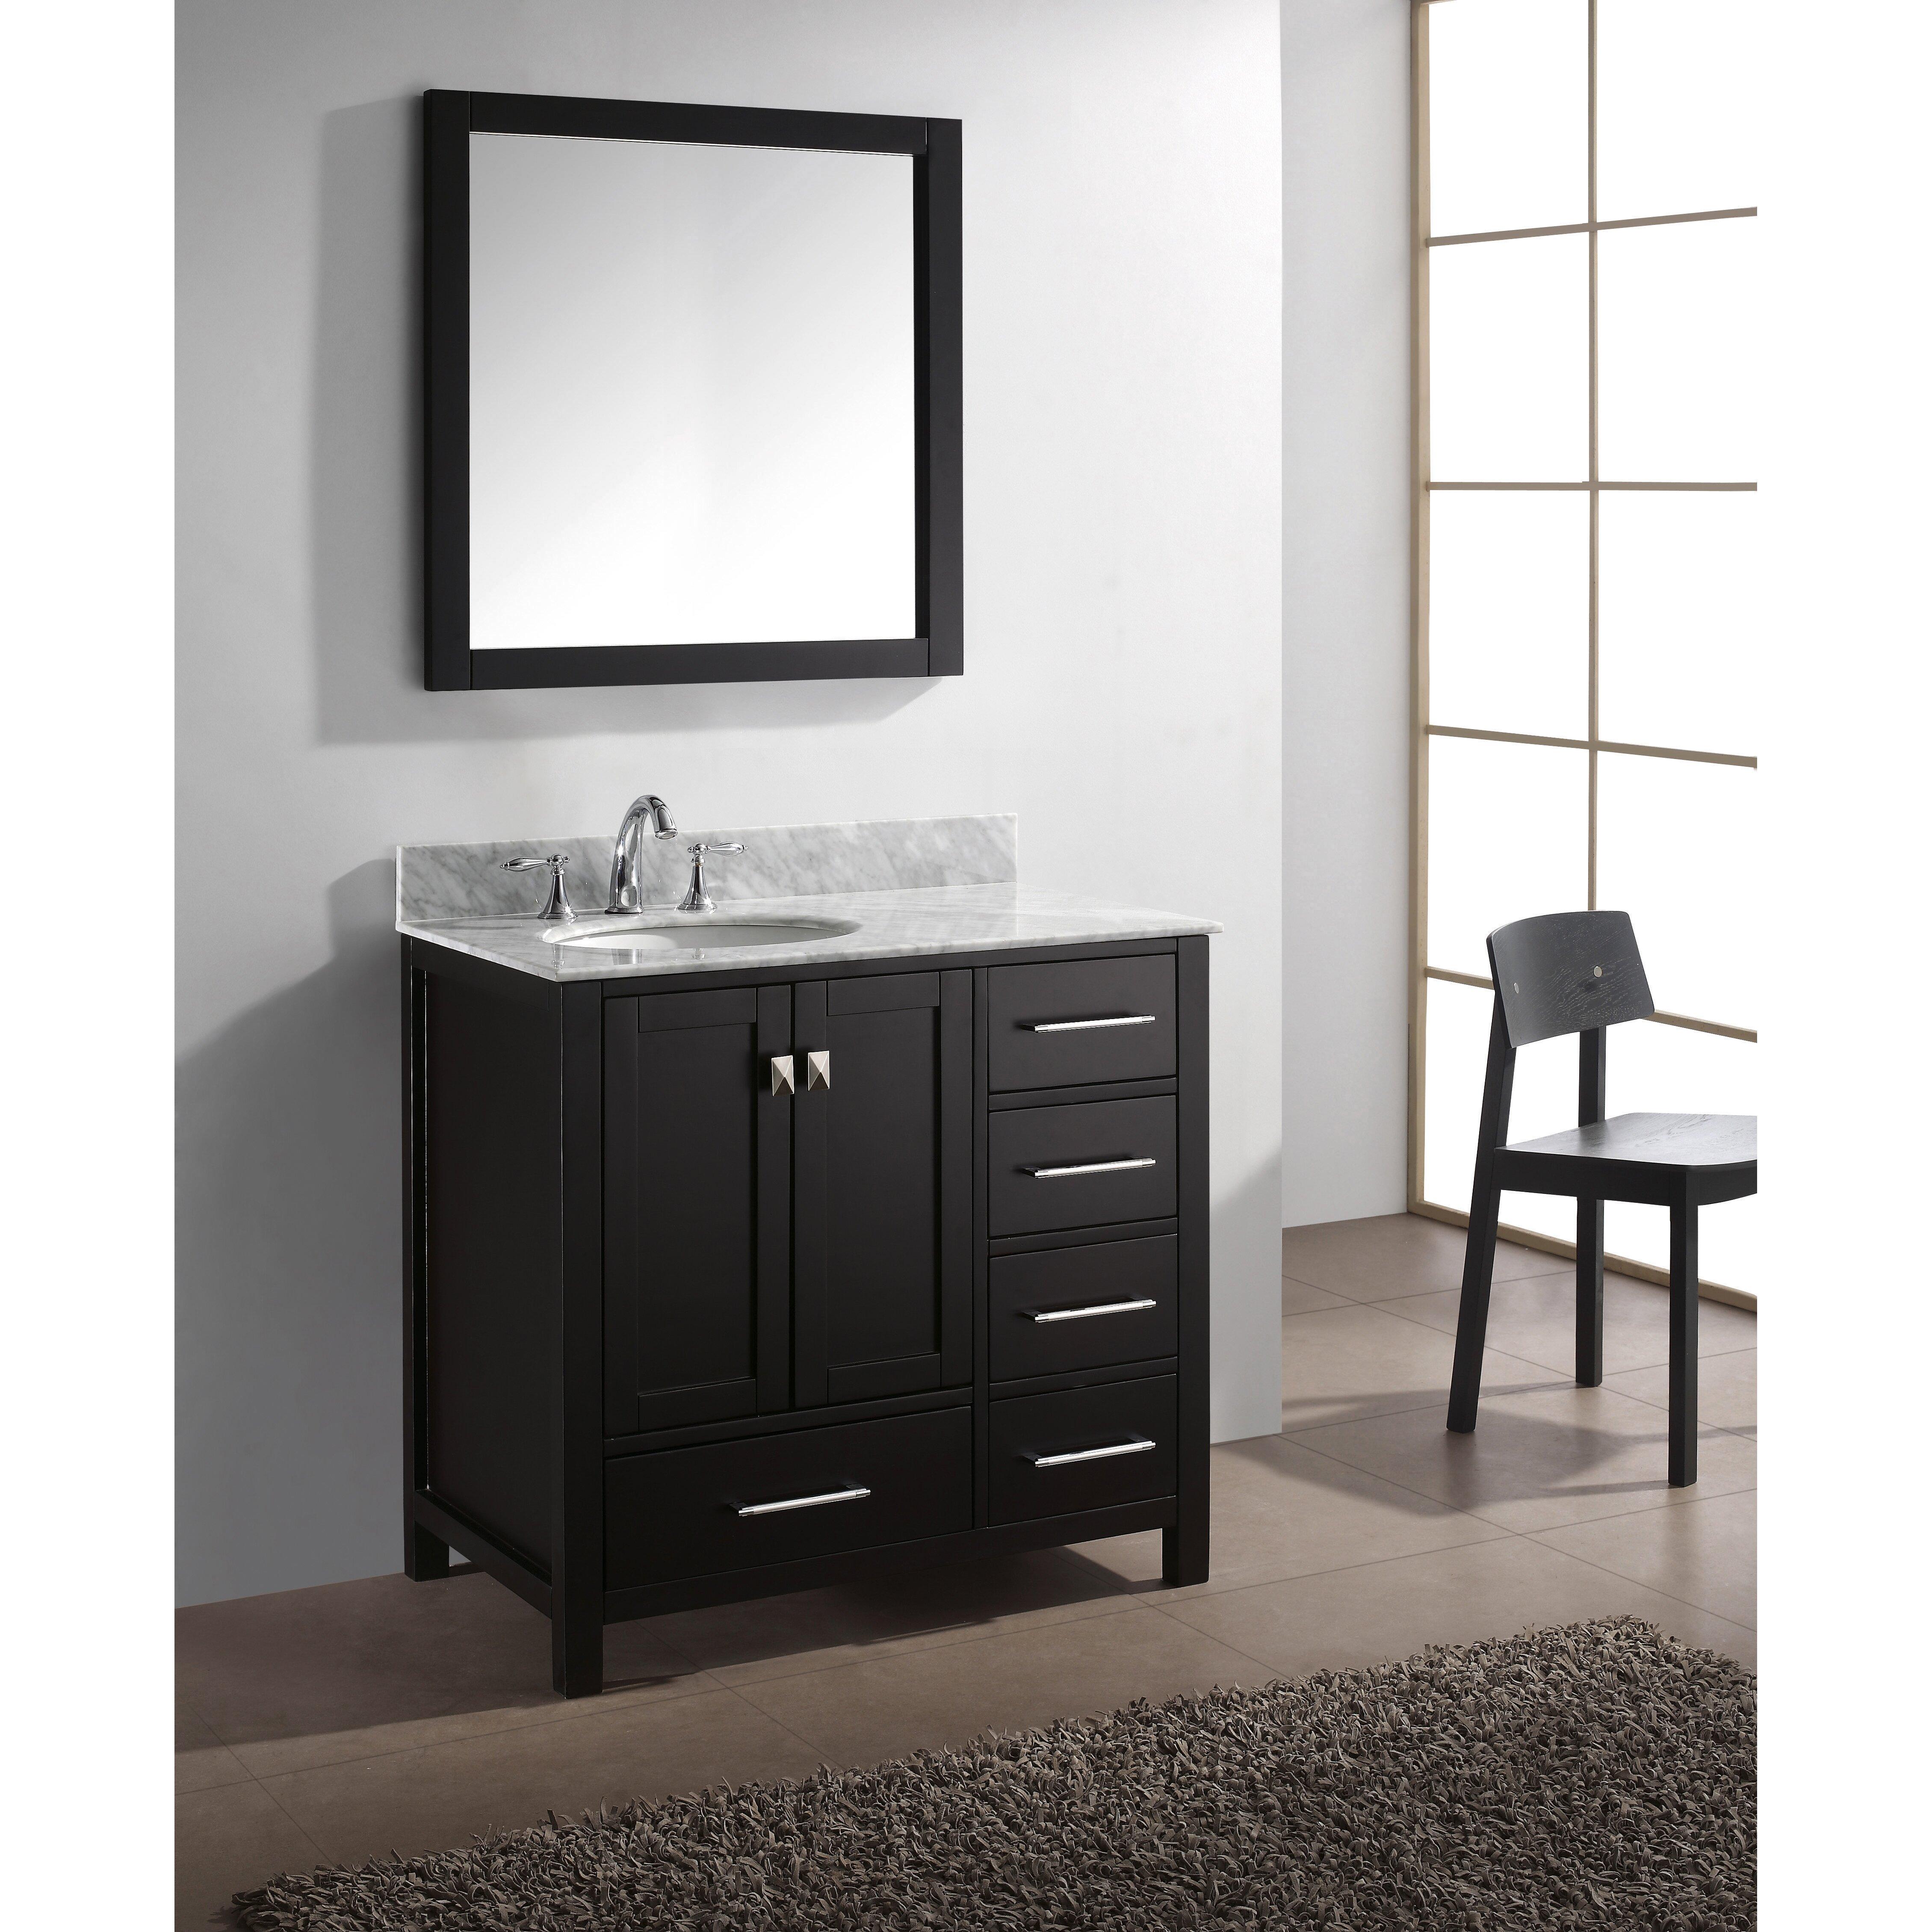 Virtu caroline avenue 37 single bathroom vanity set with for Bathroom mirror set